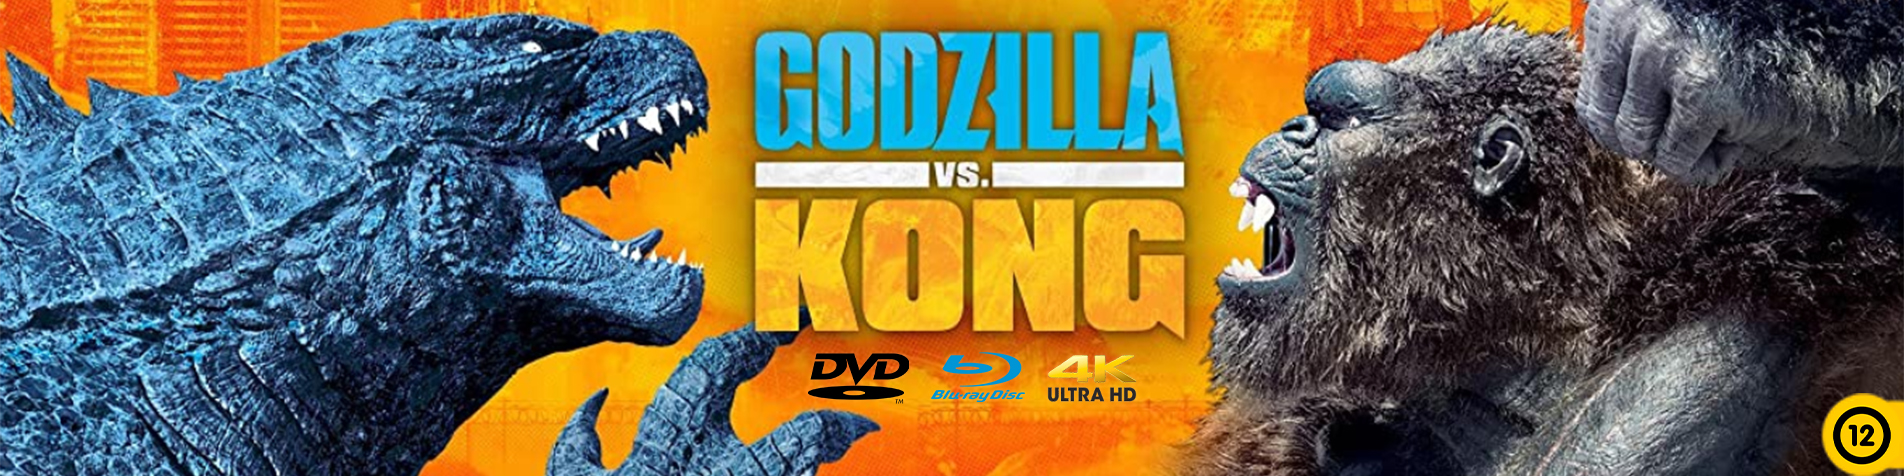 Godzilla - DVD